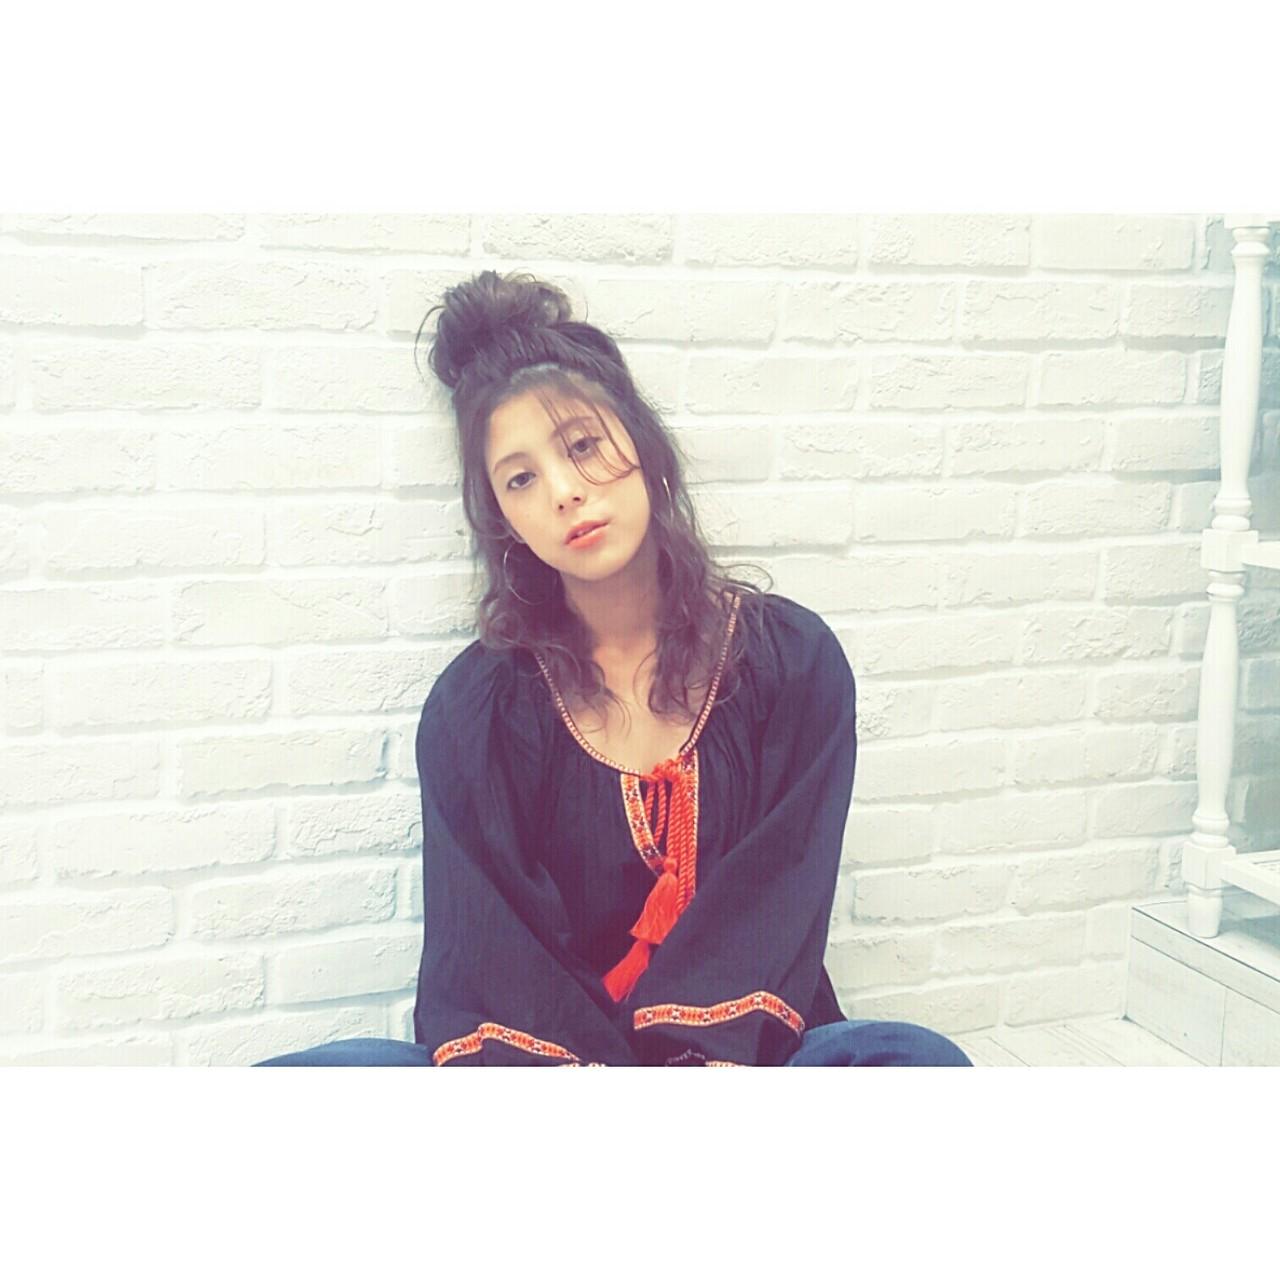 セミロング ショート ヘアアレンジ 簡単ヘアアレンジ ヘアスタイルや髪型の写真・画像 | Naoko Miura / avant